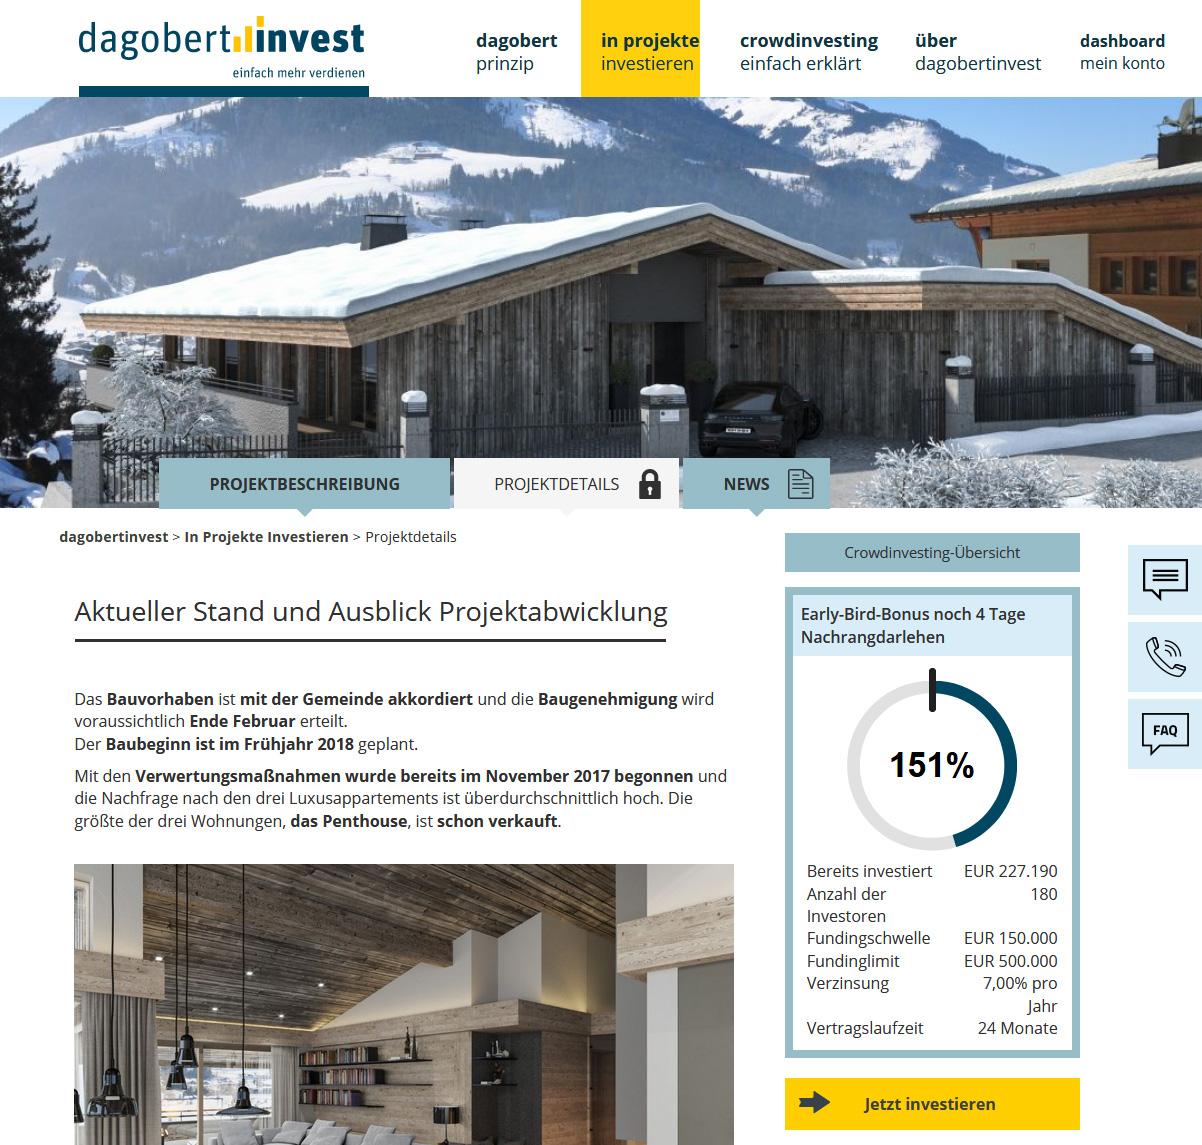 Dagobert Invest Projektdetails